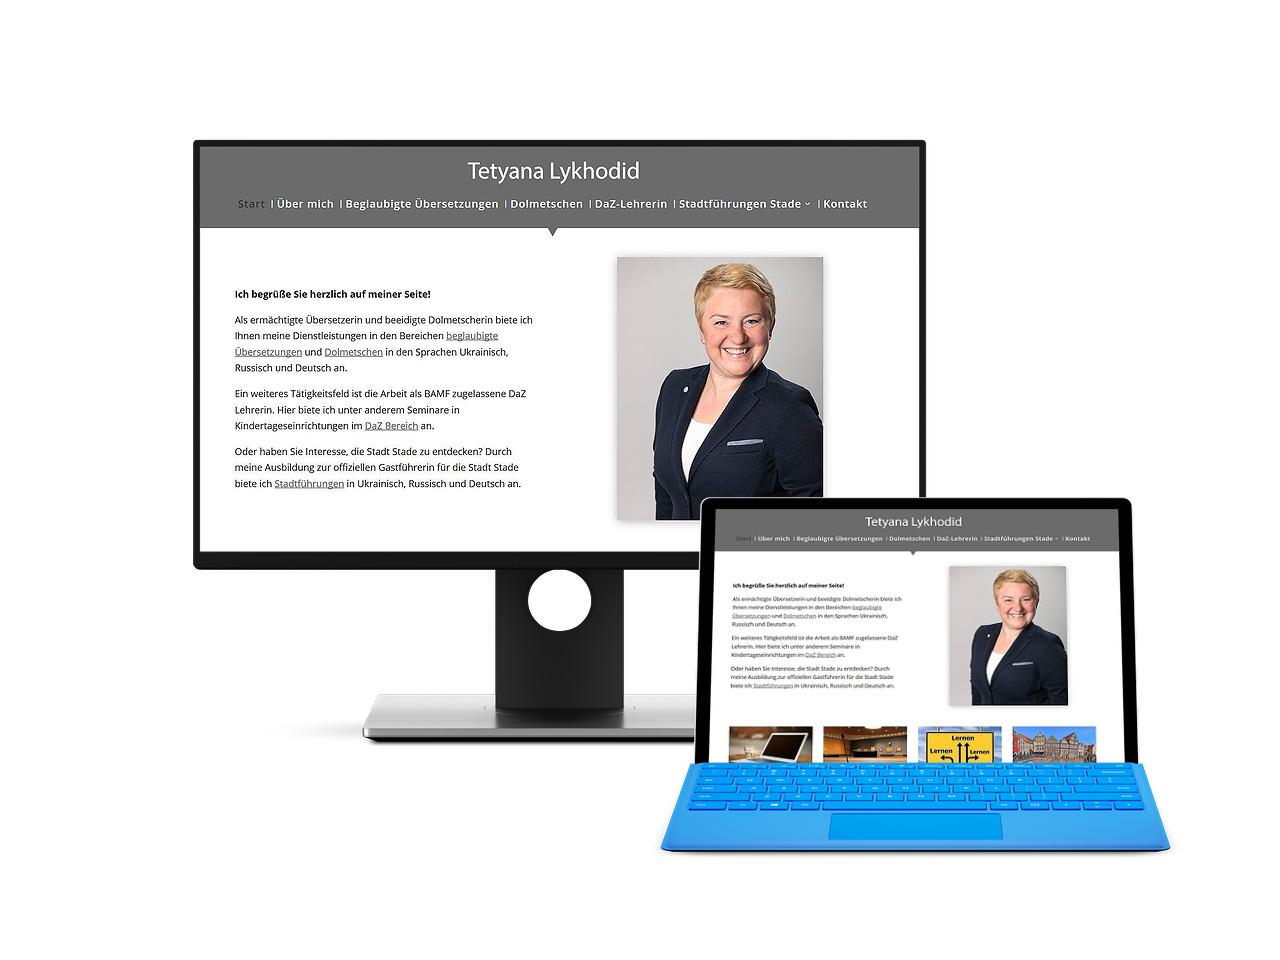 Übersetzer Dolmetscher DaZ Lehrerin Stade Webdesign Homepage Webseite Hemmoor Buxtehude Hechthausen Webdesign